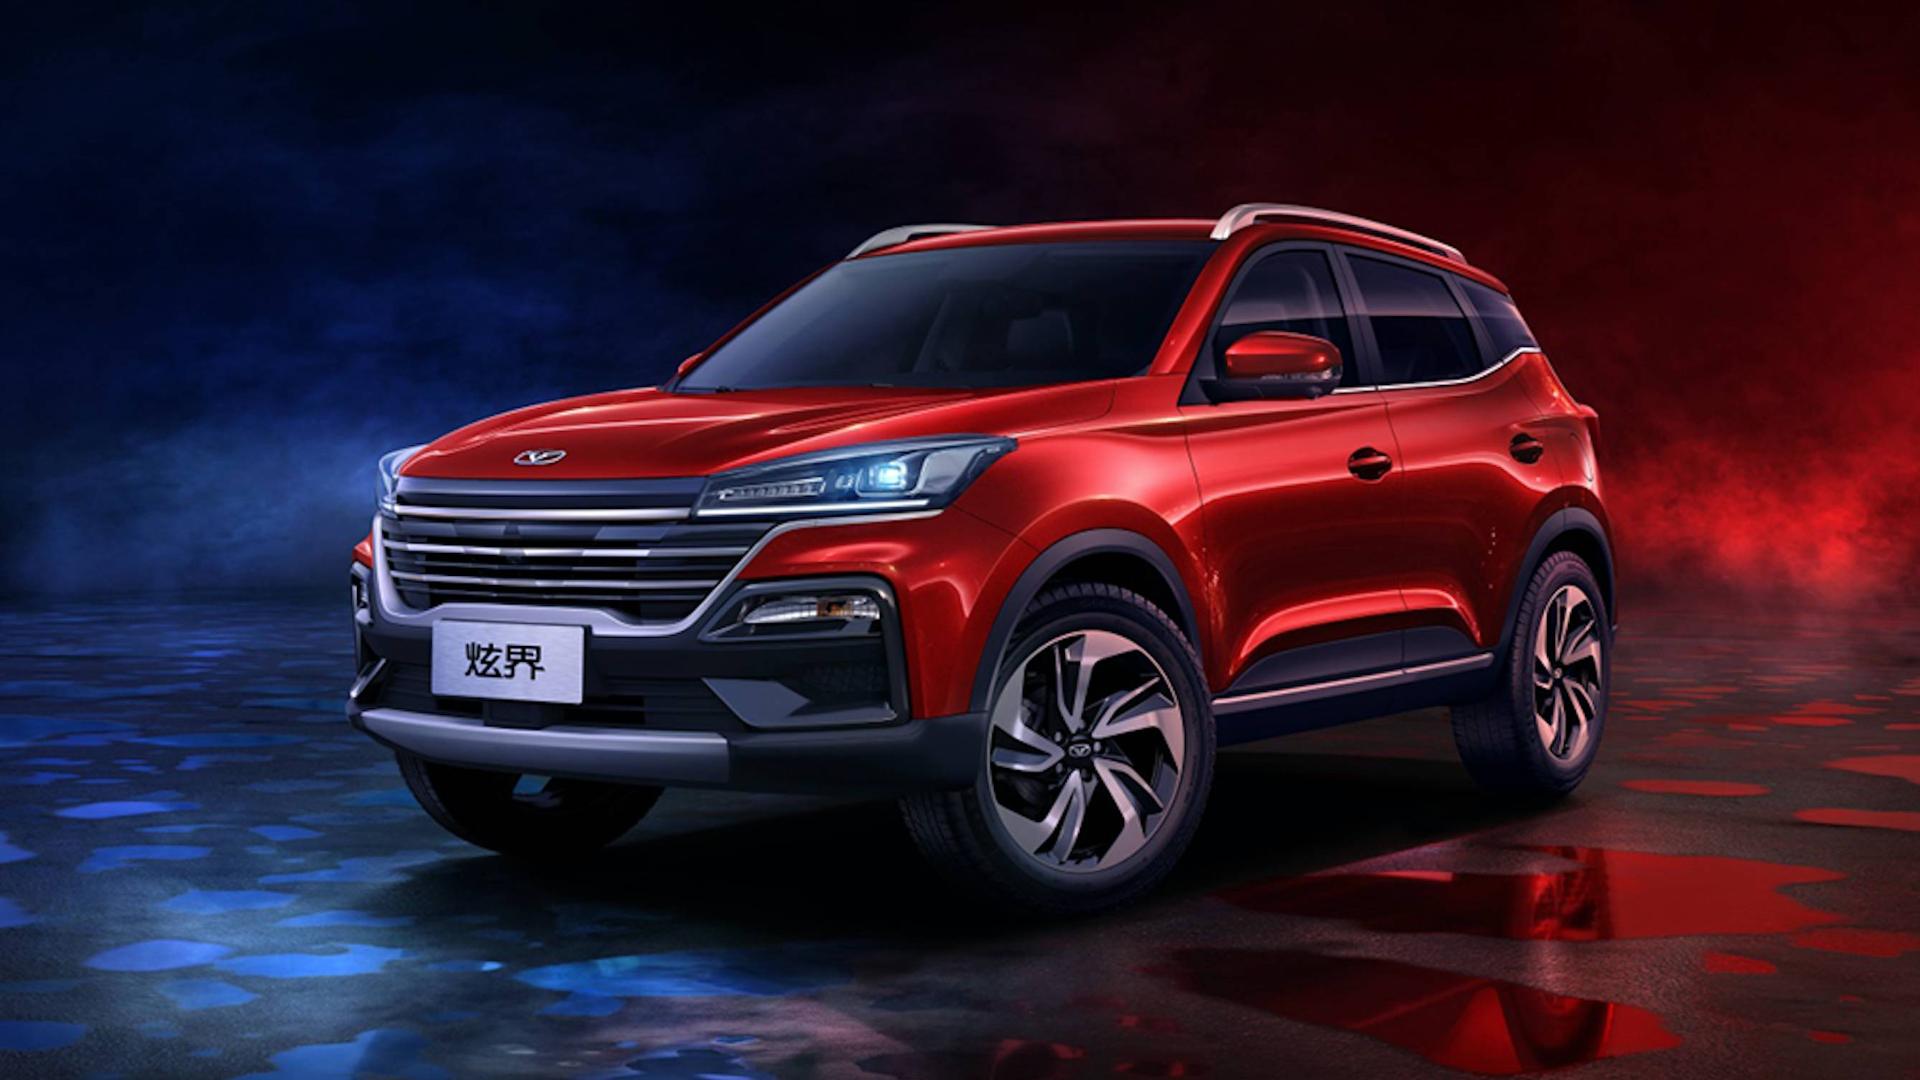 「汽车V报」凯翼全新紧凑型SUV官图发布;奥迪RS Q8国内谍照曝光-20191218